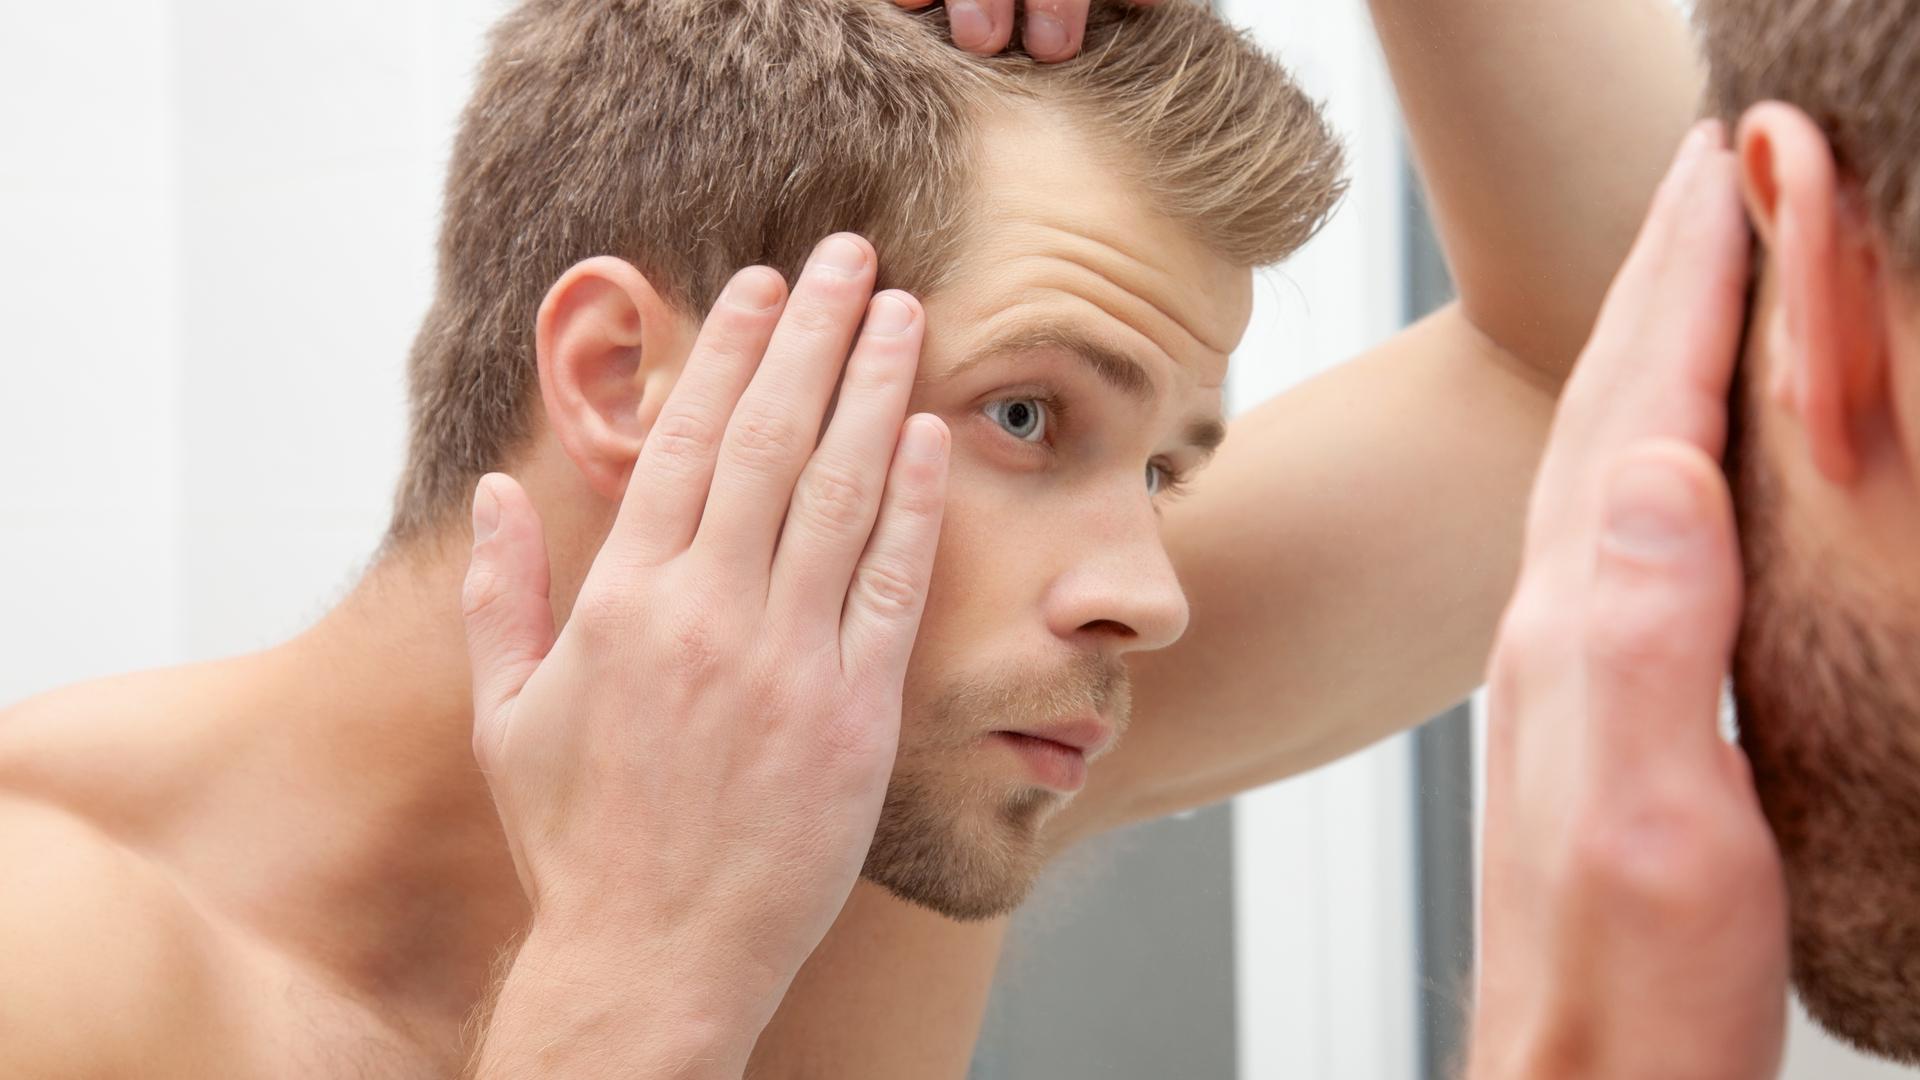 抜け毛の予防法とは?若くても油断大敵!その抜け毛は薄毛のサイン?